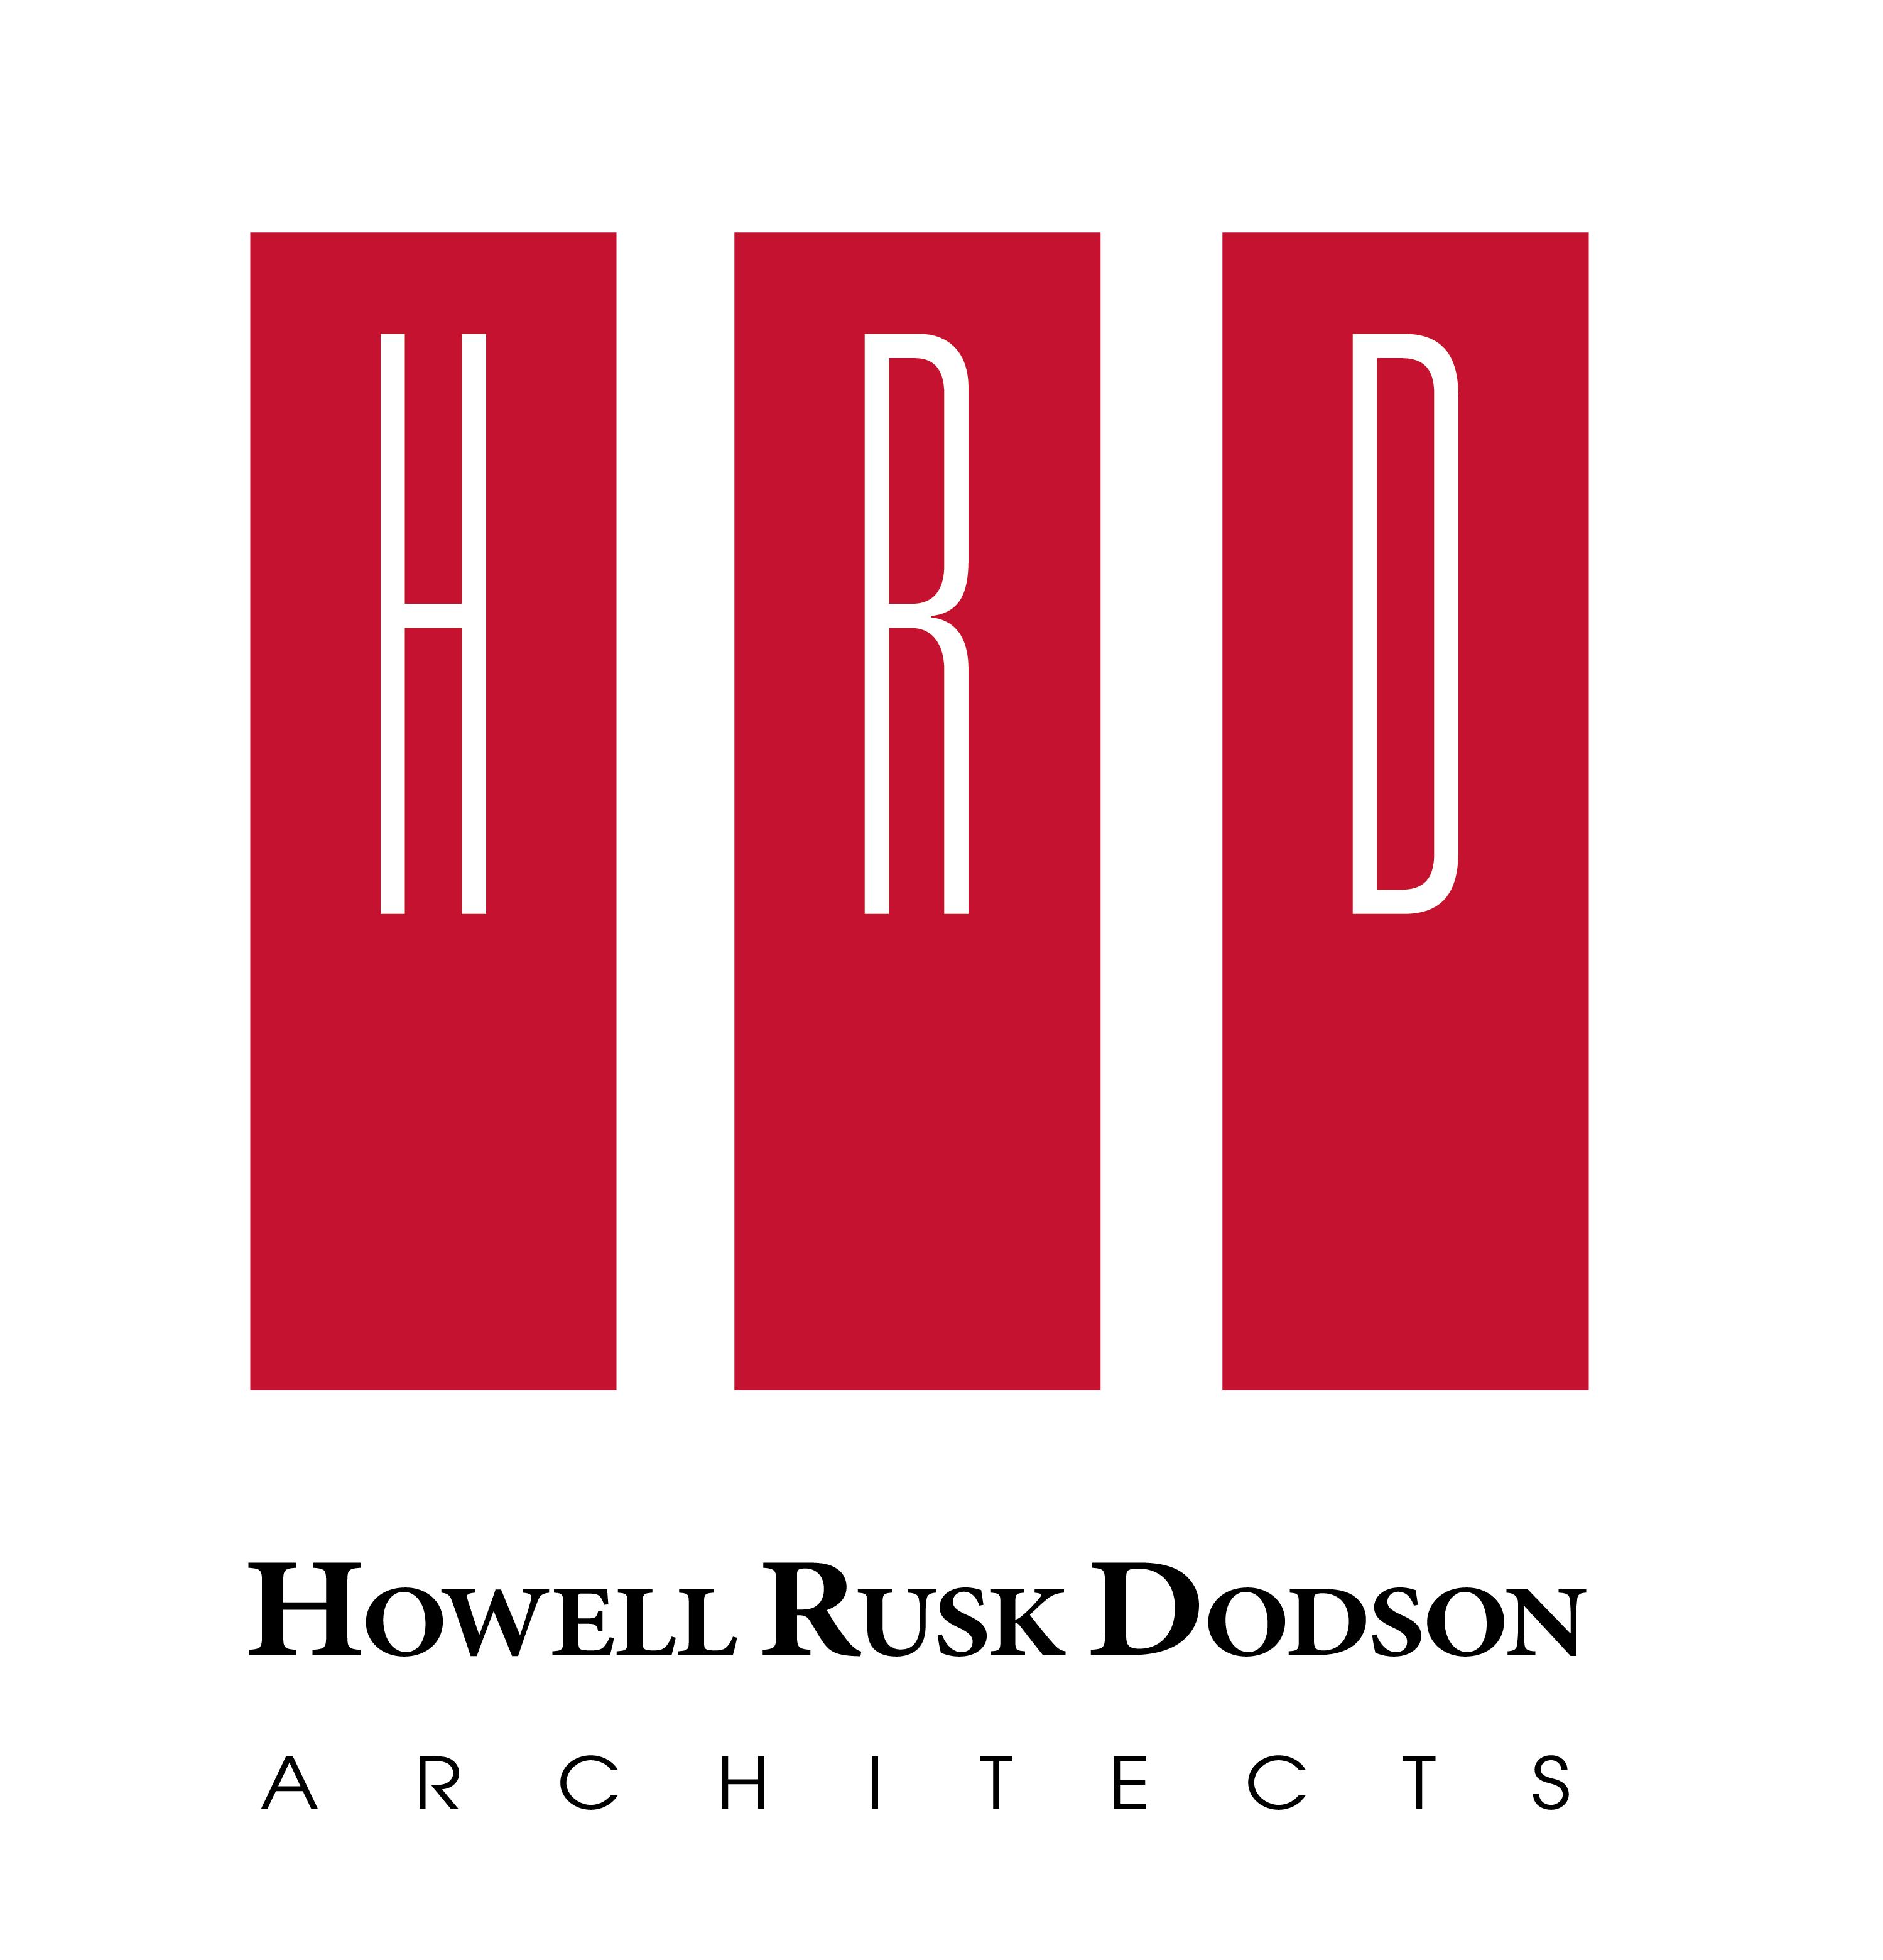 Howell Rusk Dodson